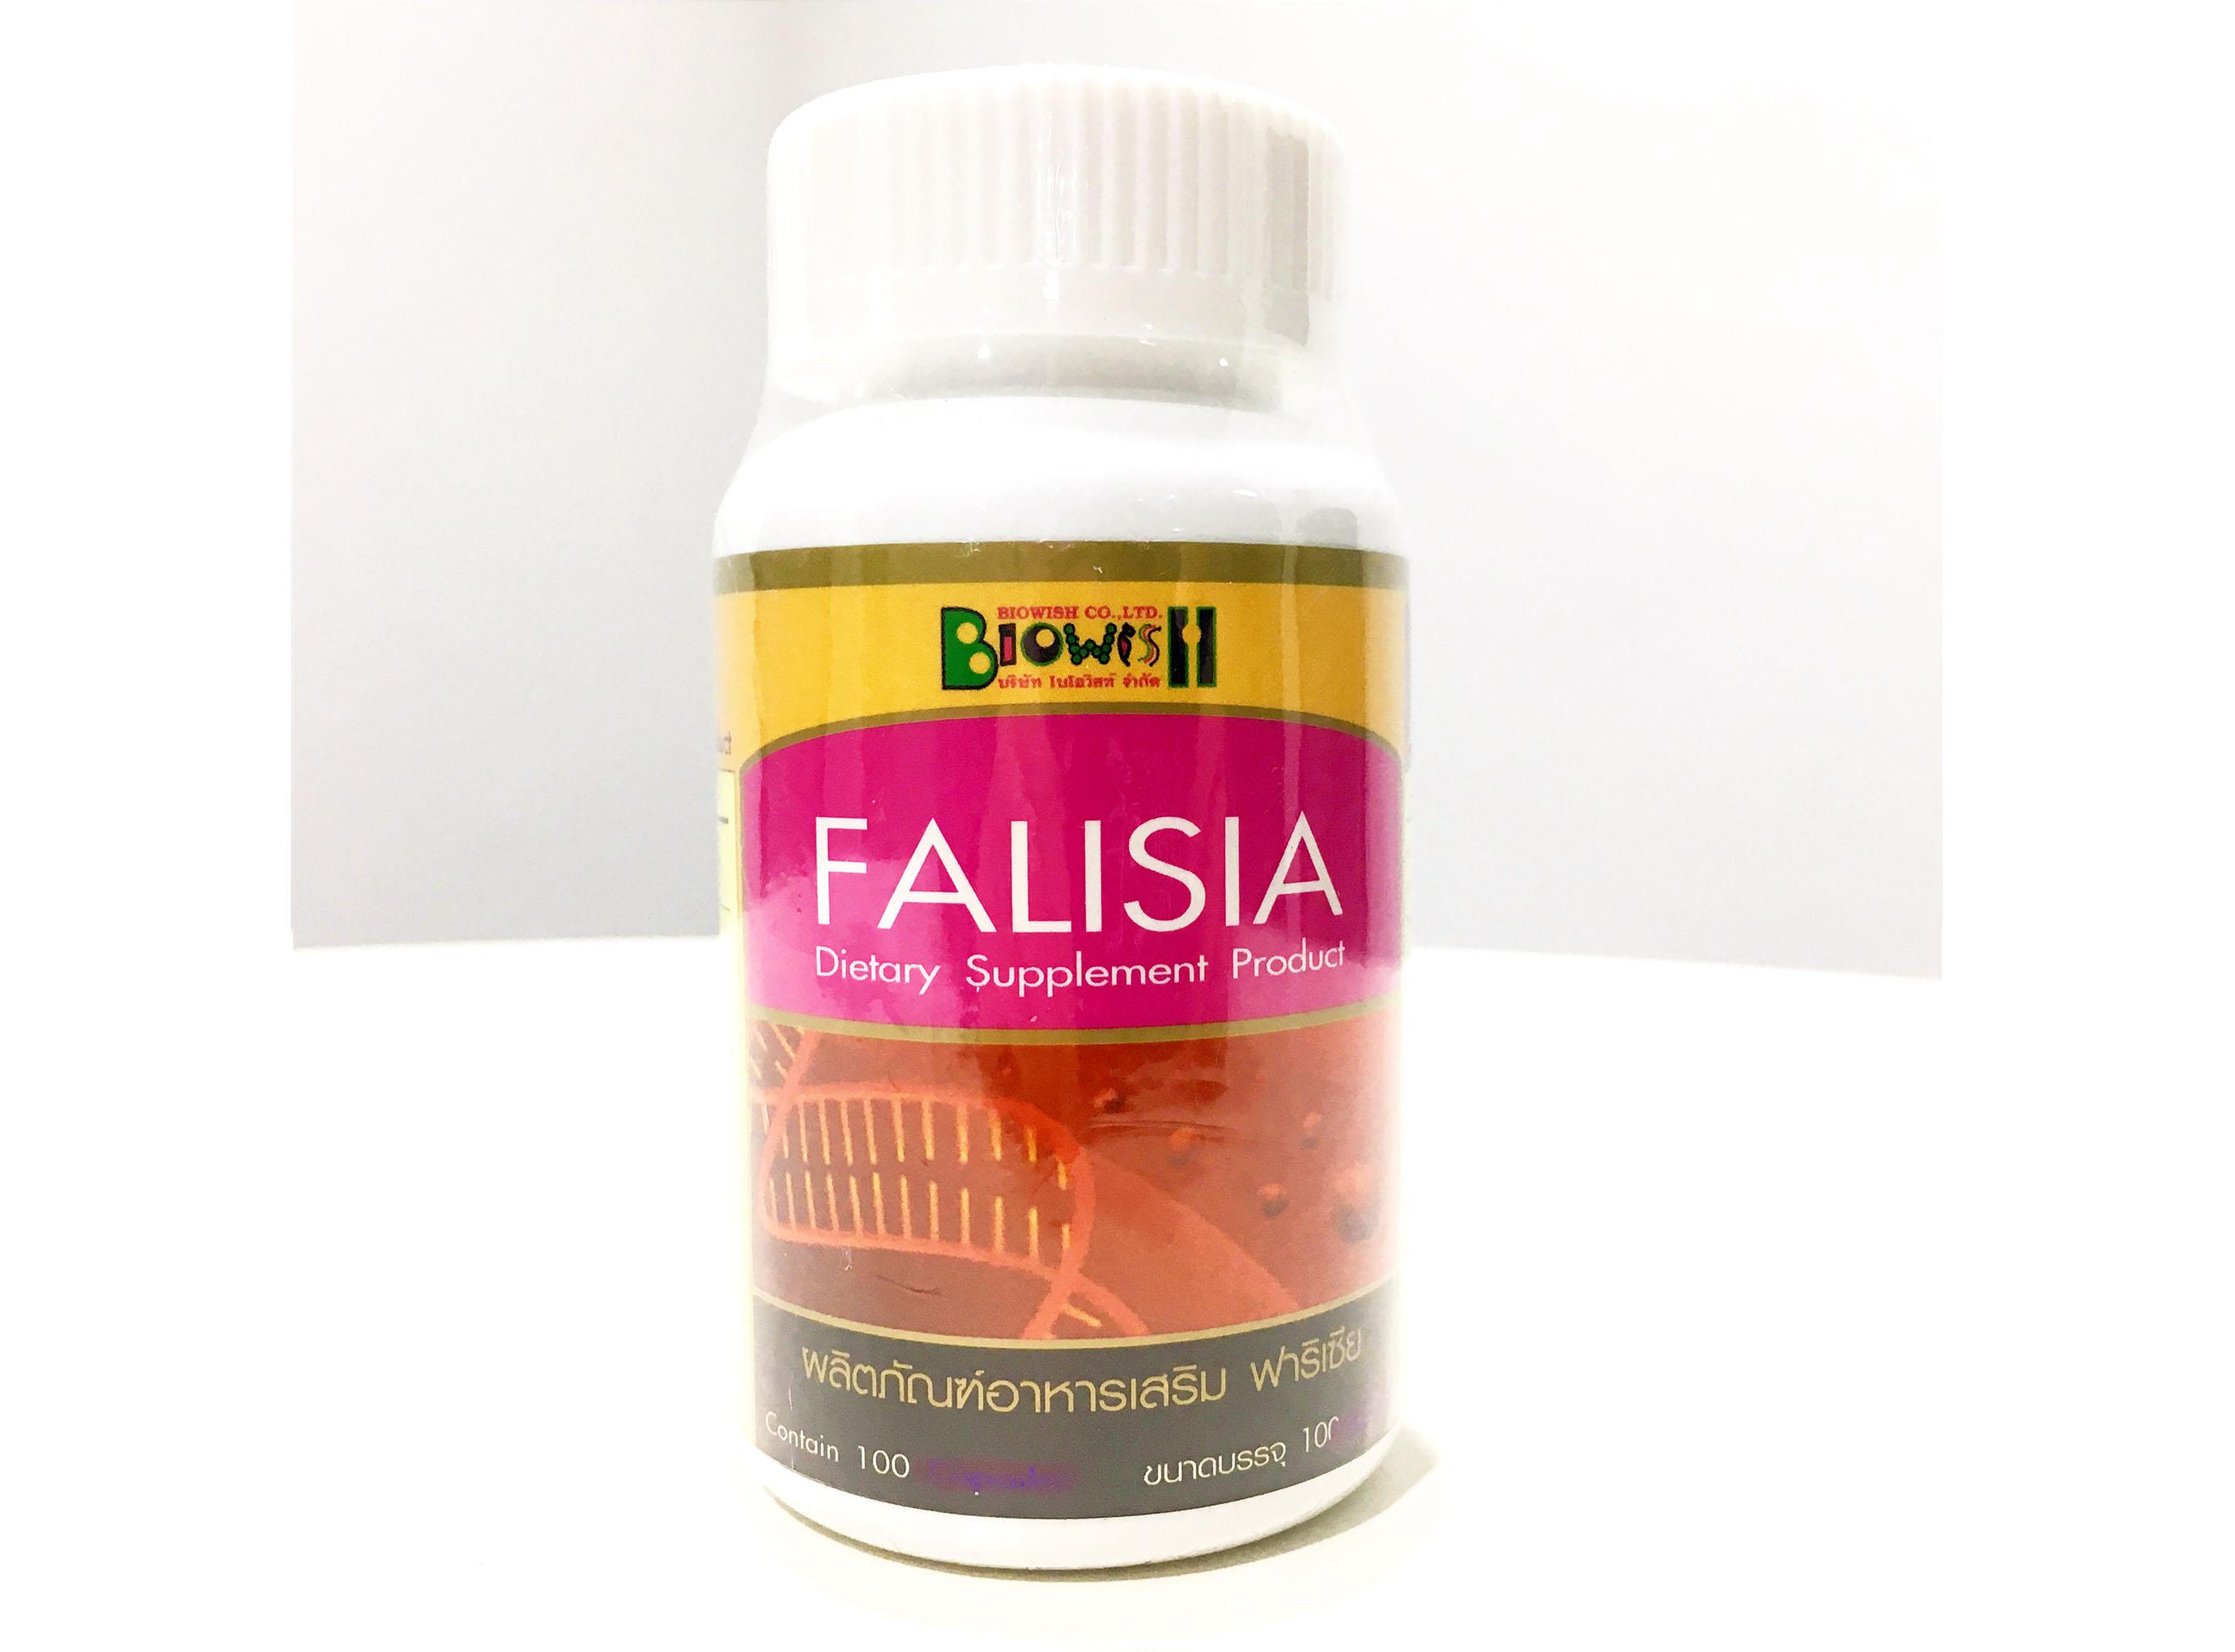 FALISIA片剂